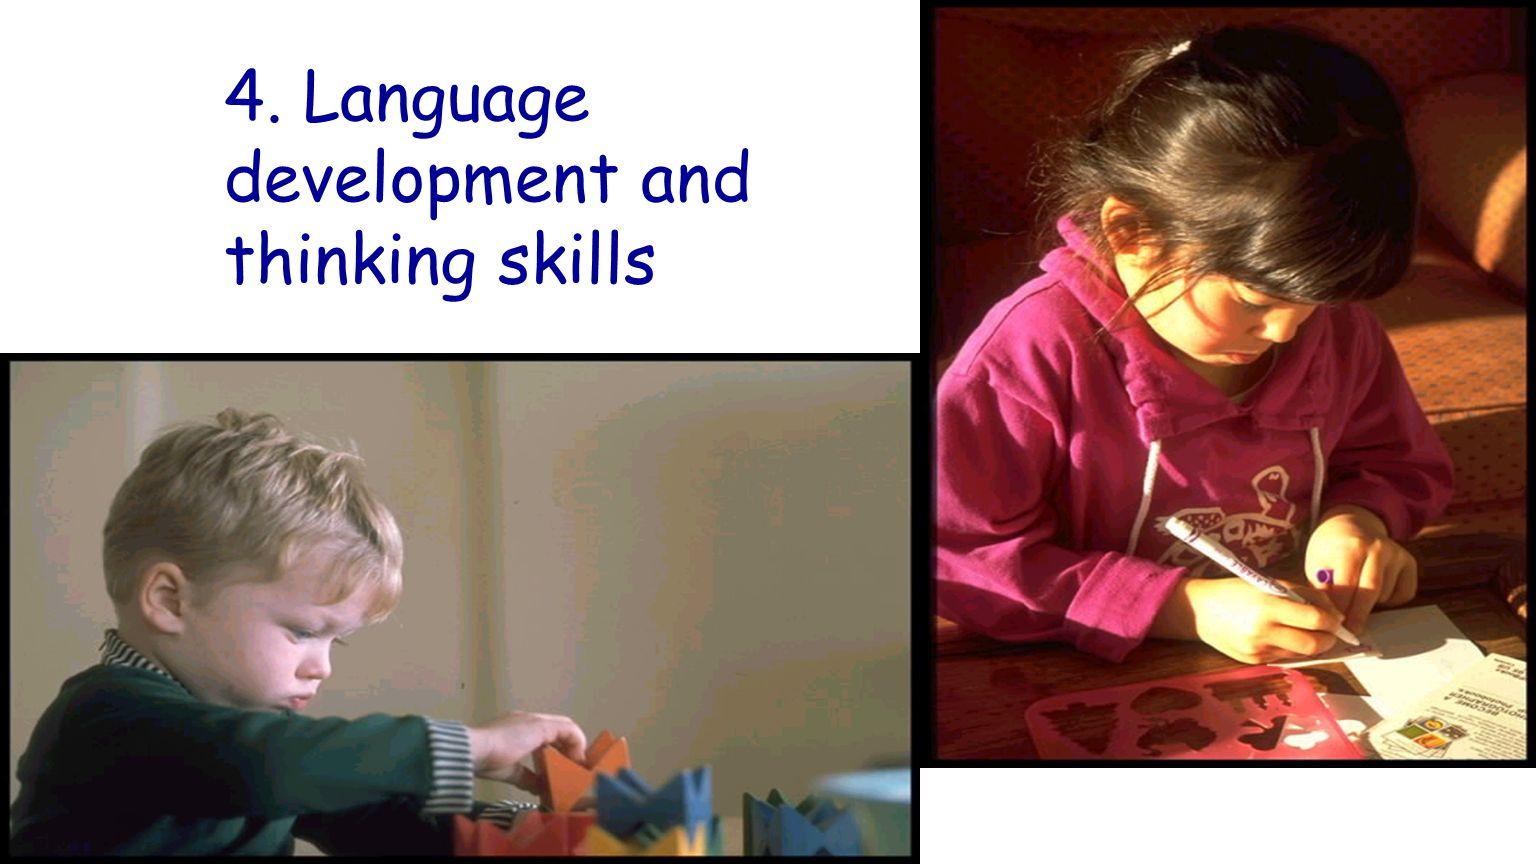 4. Language development and thinking skills